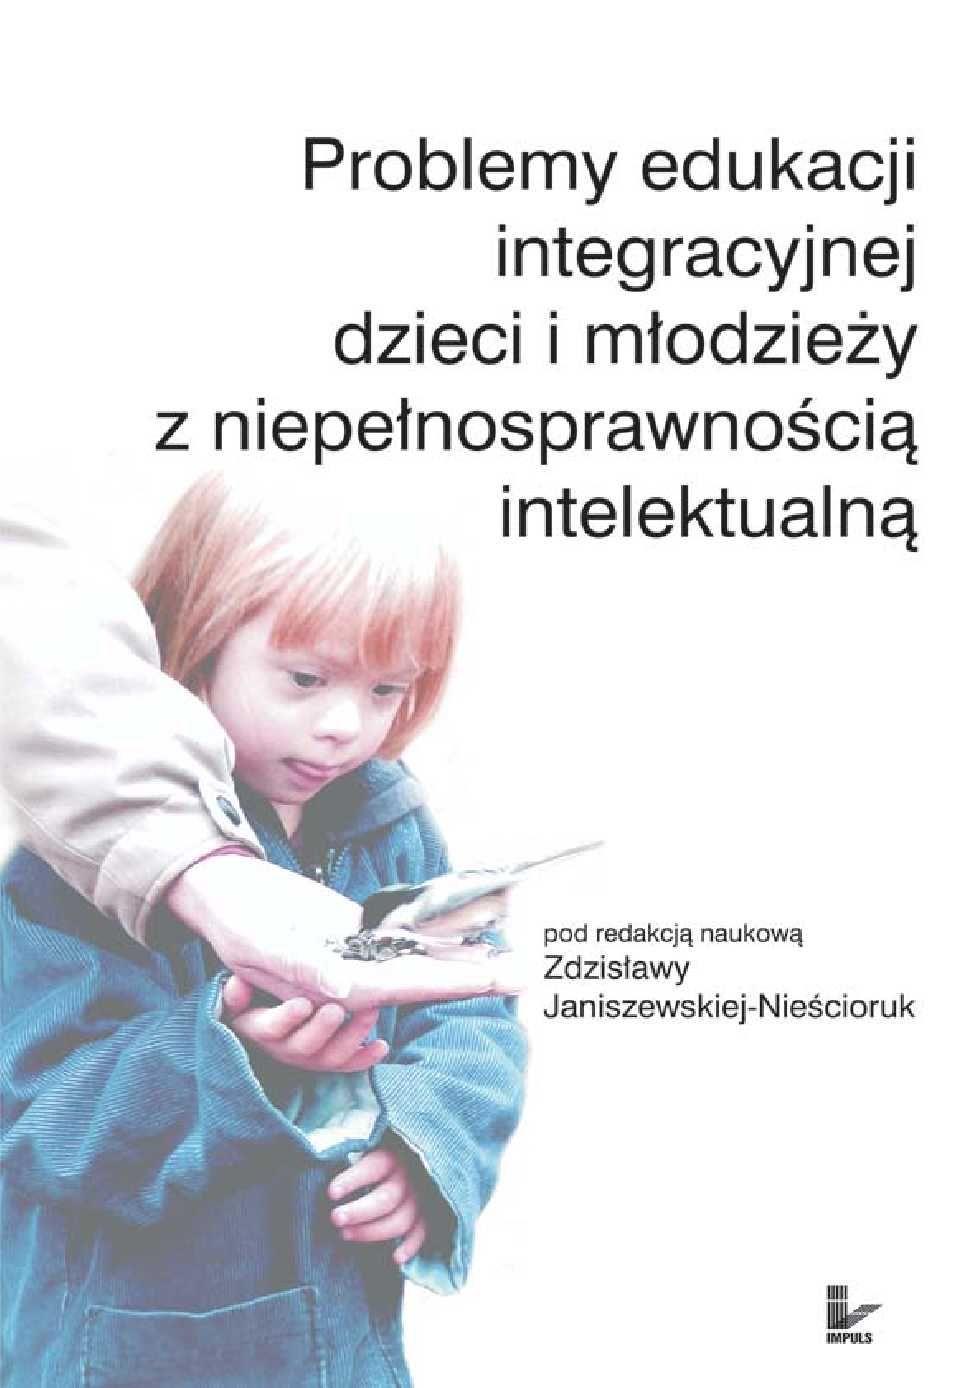 Problemy edukacji integracyjnej dzieci i młodzieży z niepełnosprawnością intelektualną - Ebook (Książka EPUB) do pobrania w formacie EPUB